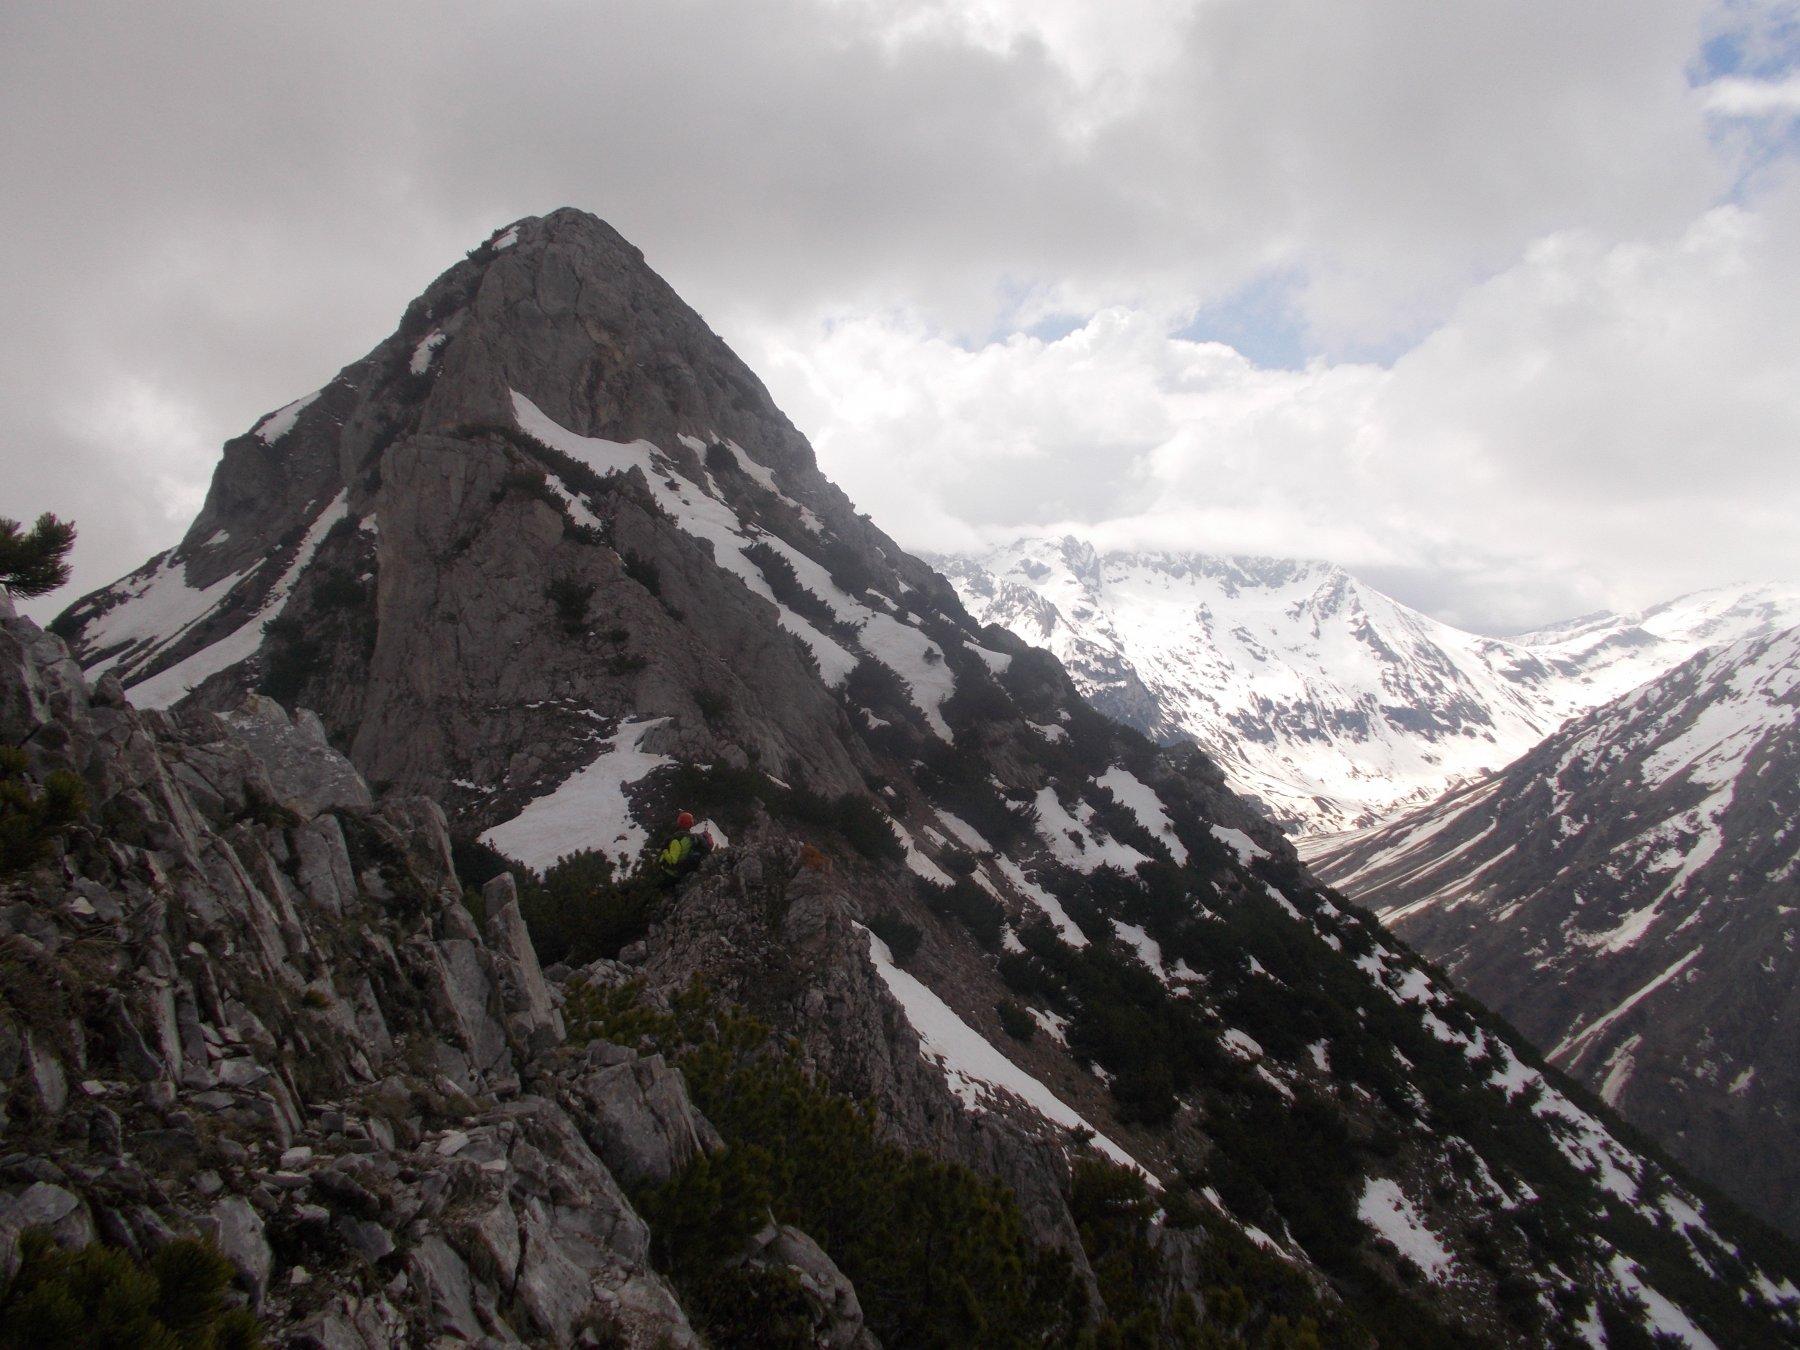 l'accidentata e affatto banale tratto di cresta che dalla Garbella porta a riprendere il gta in direzione nord..